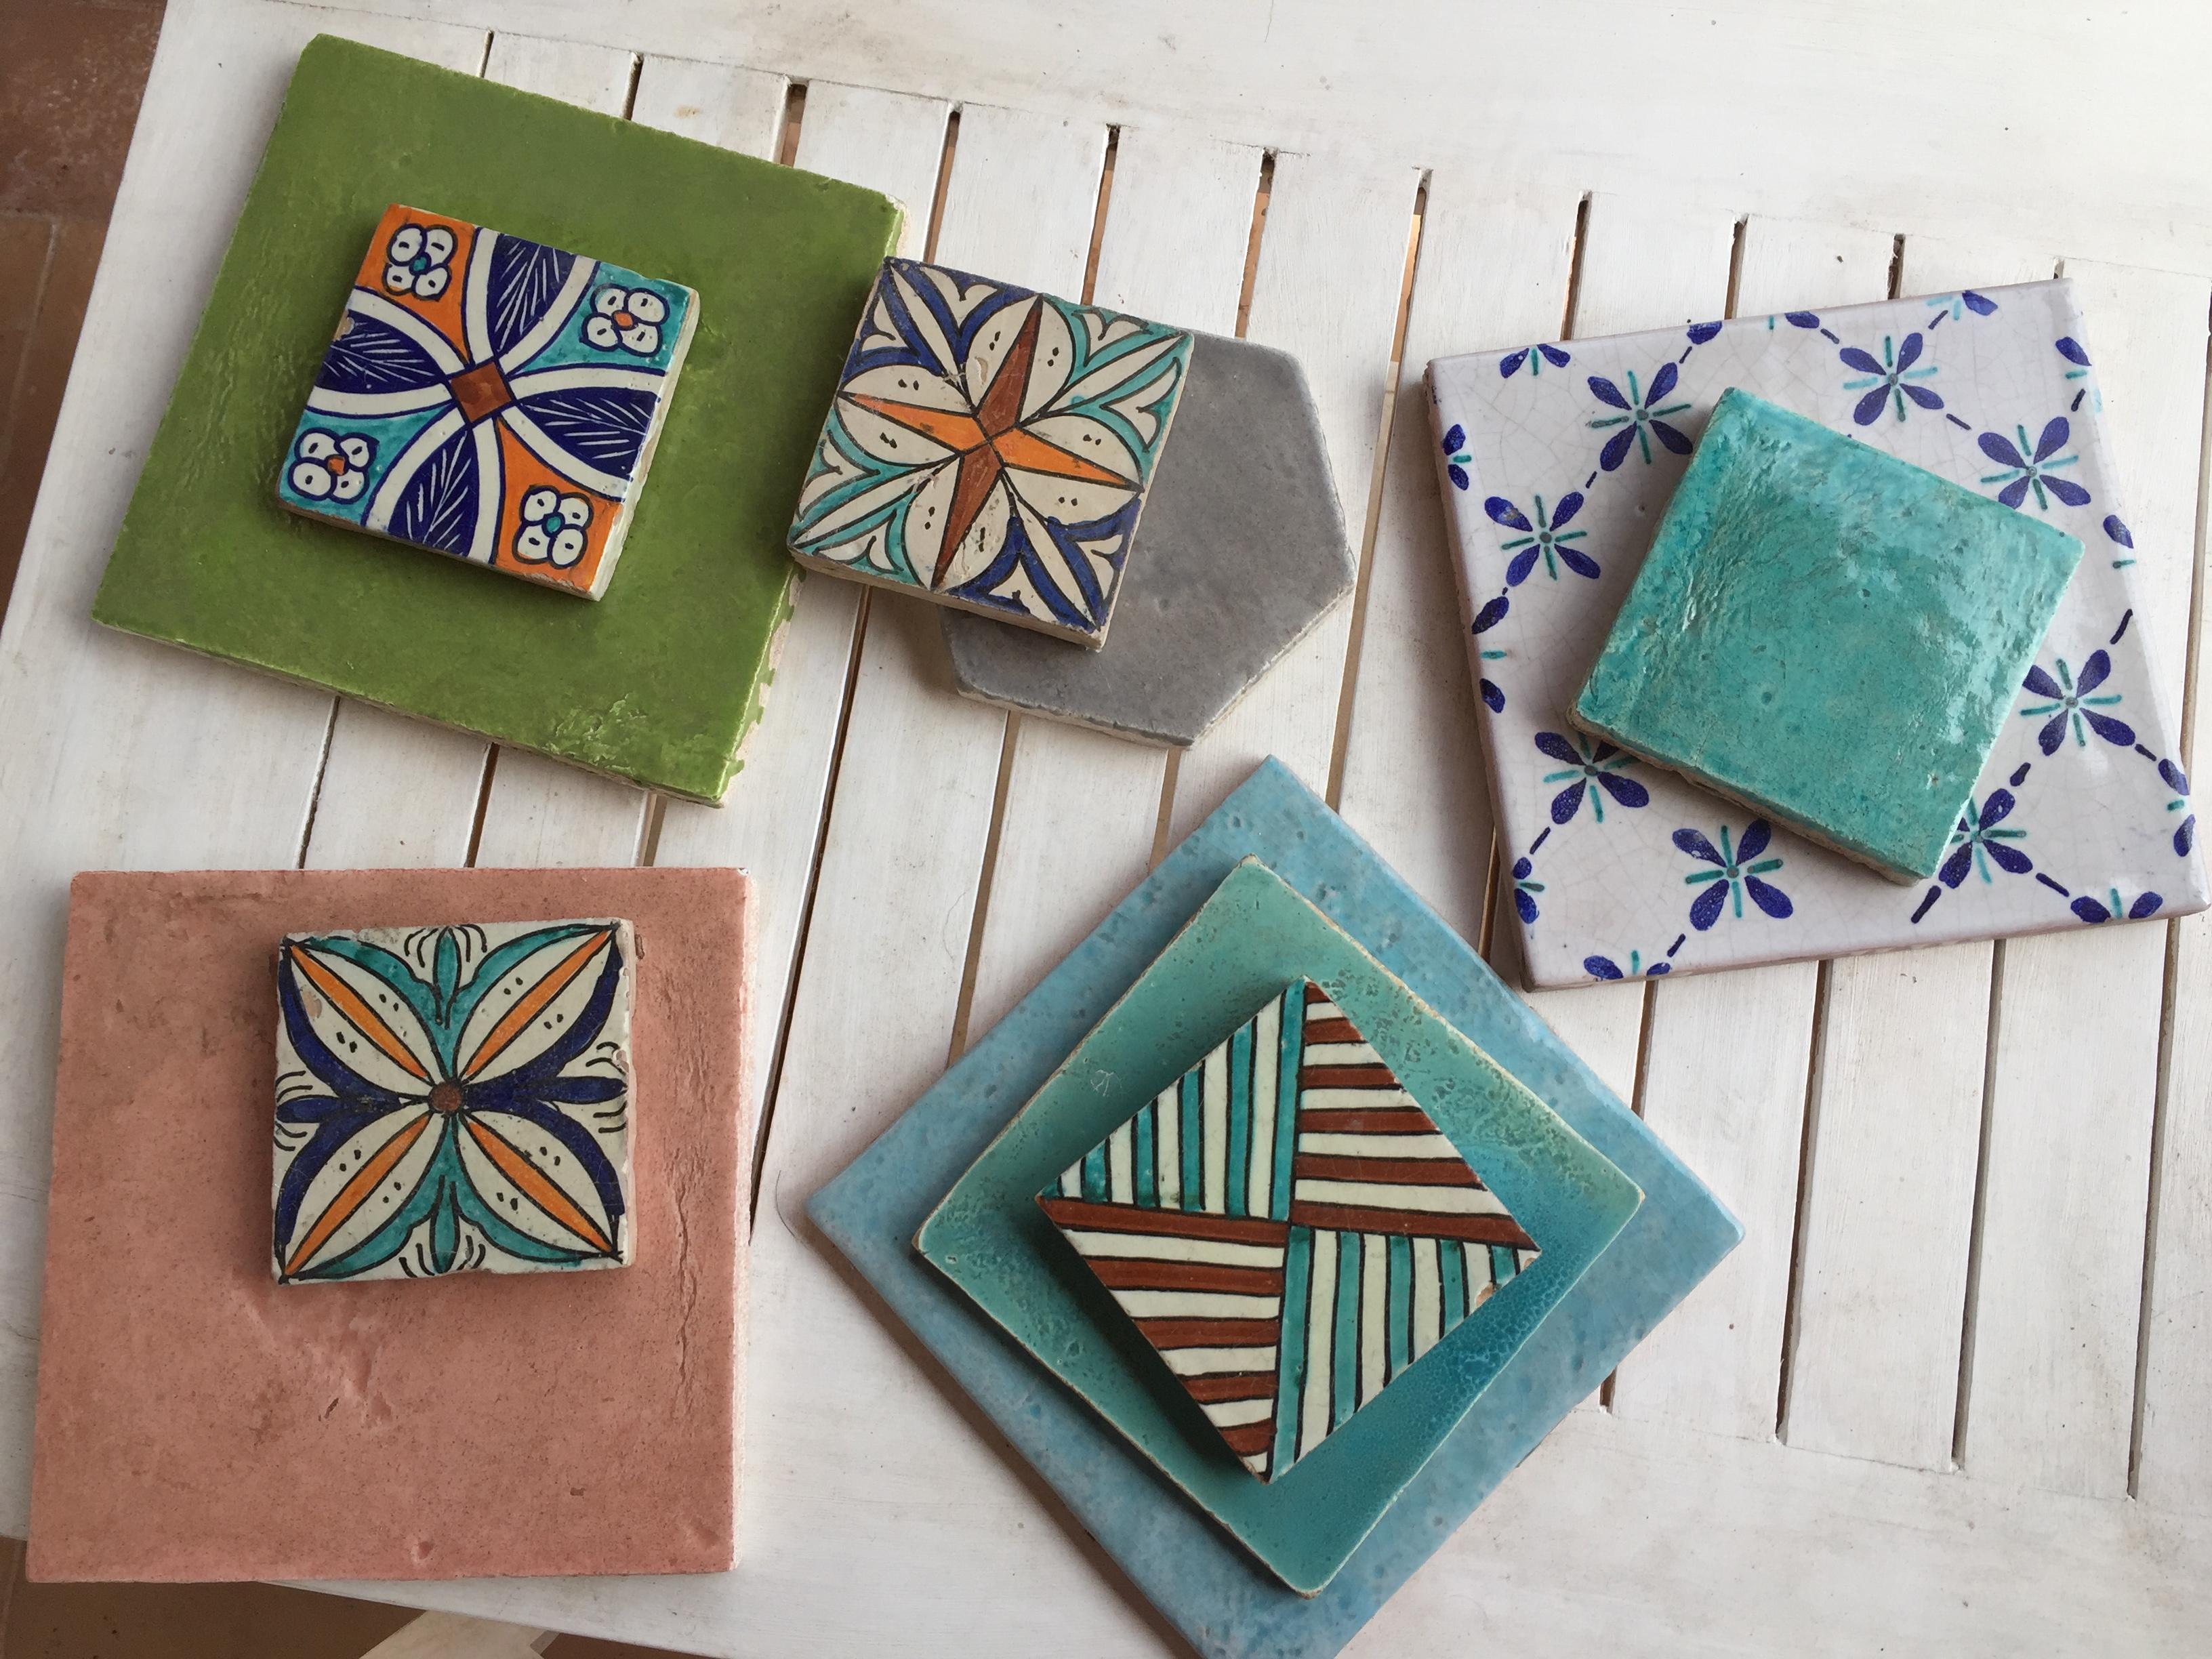 Piastrelle marocchine vendita images azulejos piastrelle in